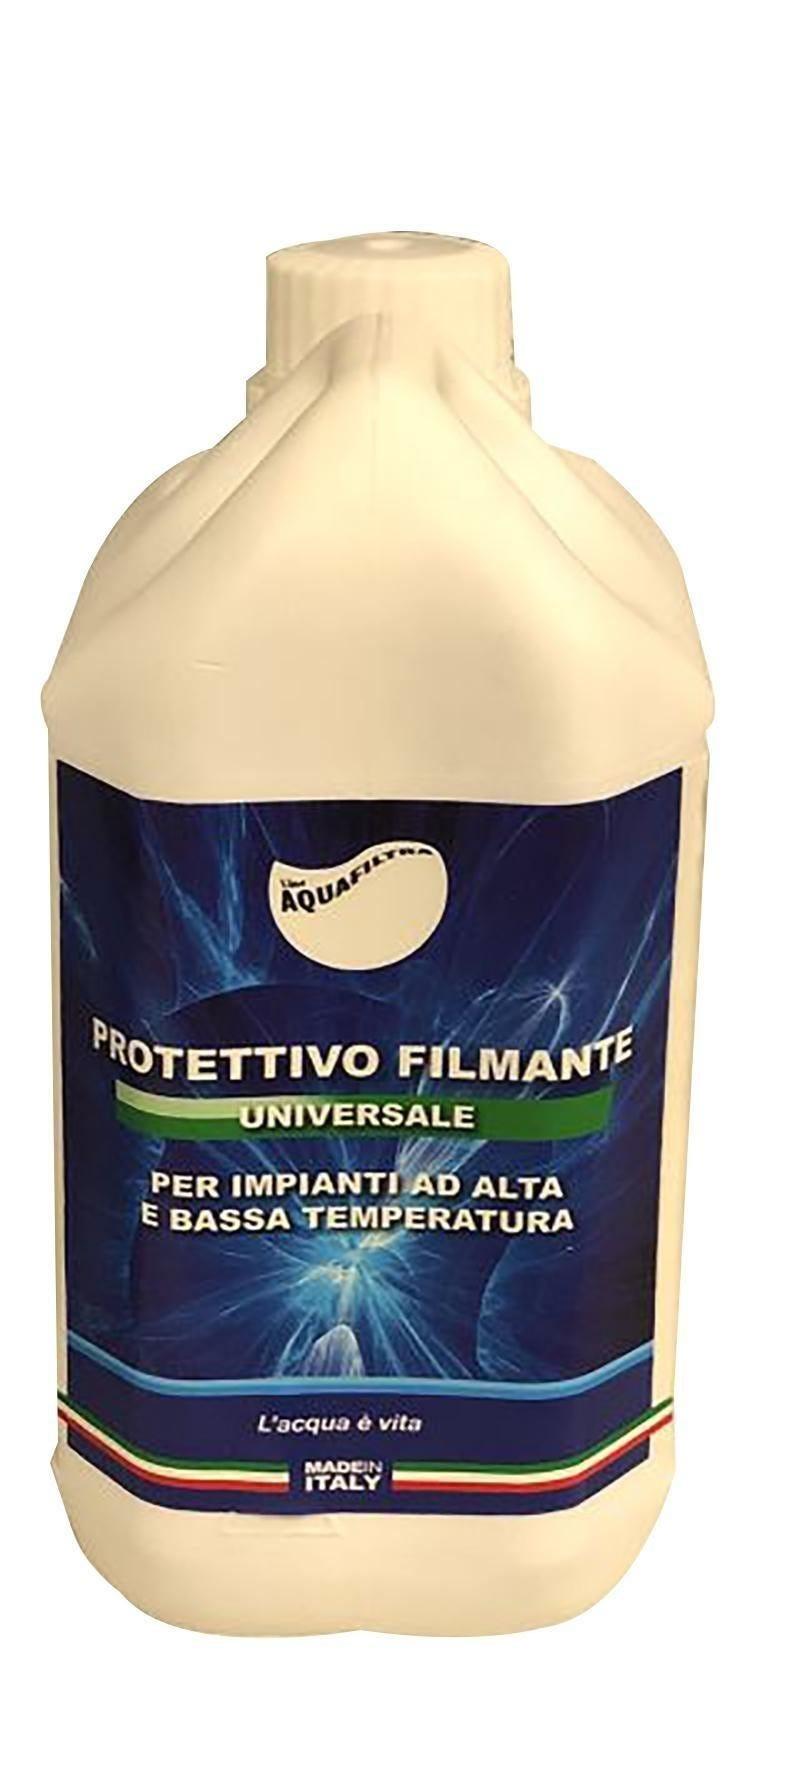 acquafiltra protettivo filmante  alta/bassa temperatura con antialghe dosaggio 1% - 1 l